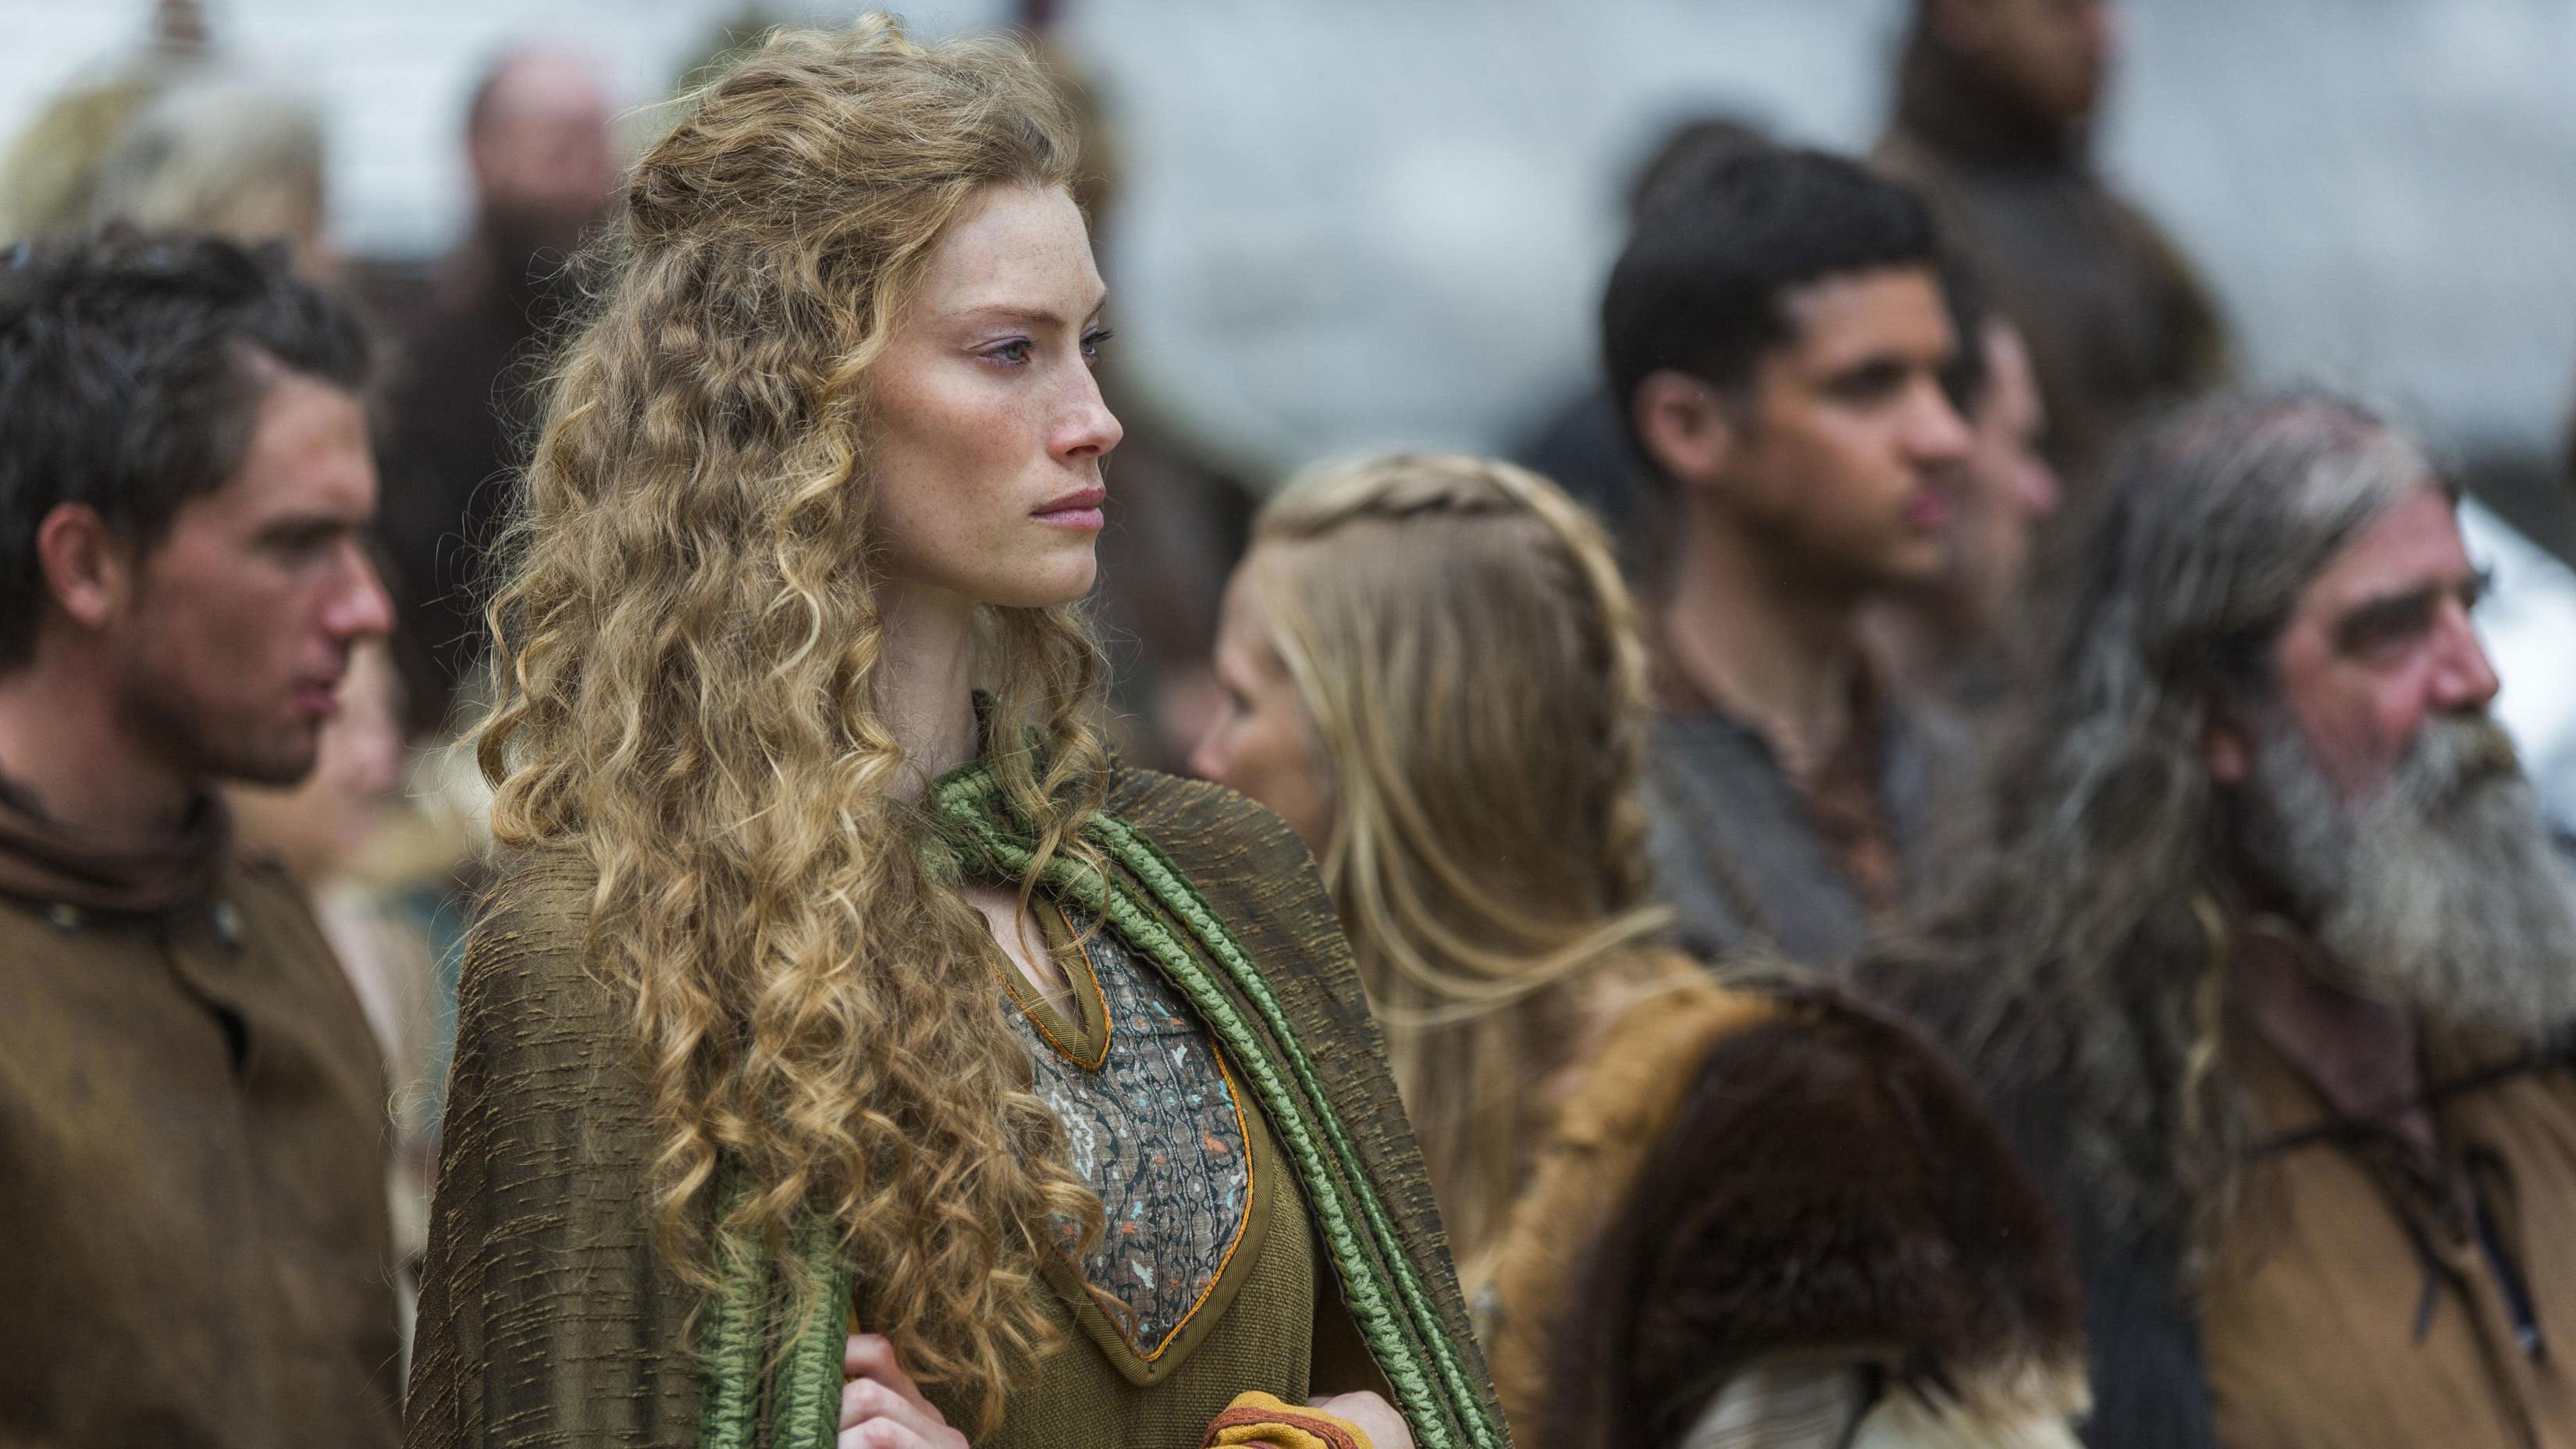 Vikings 3 x Episodio 1 Streaming ITA - AltaDefinizione01